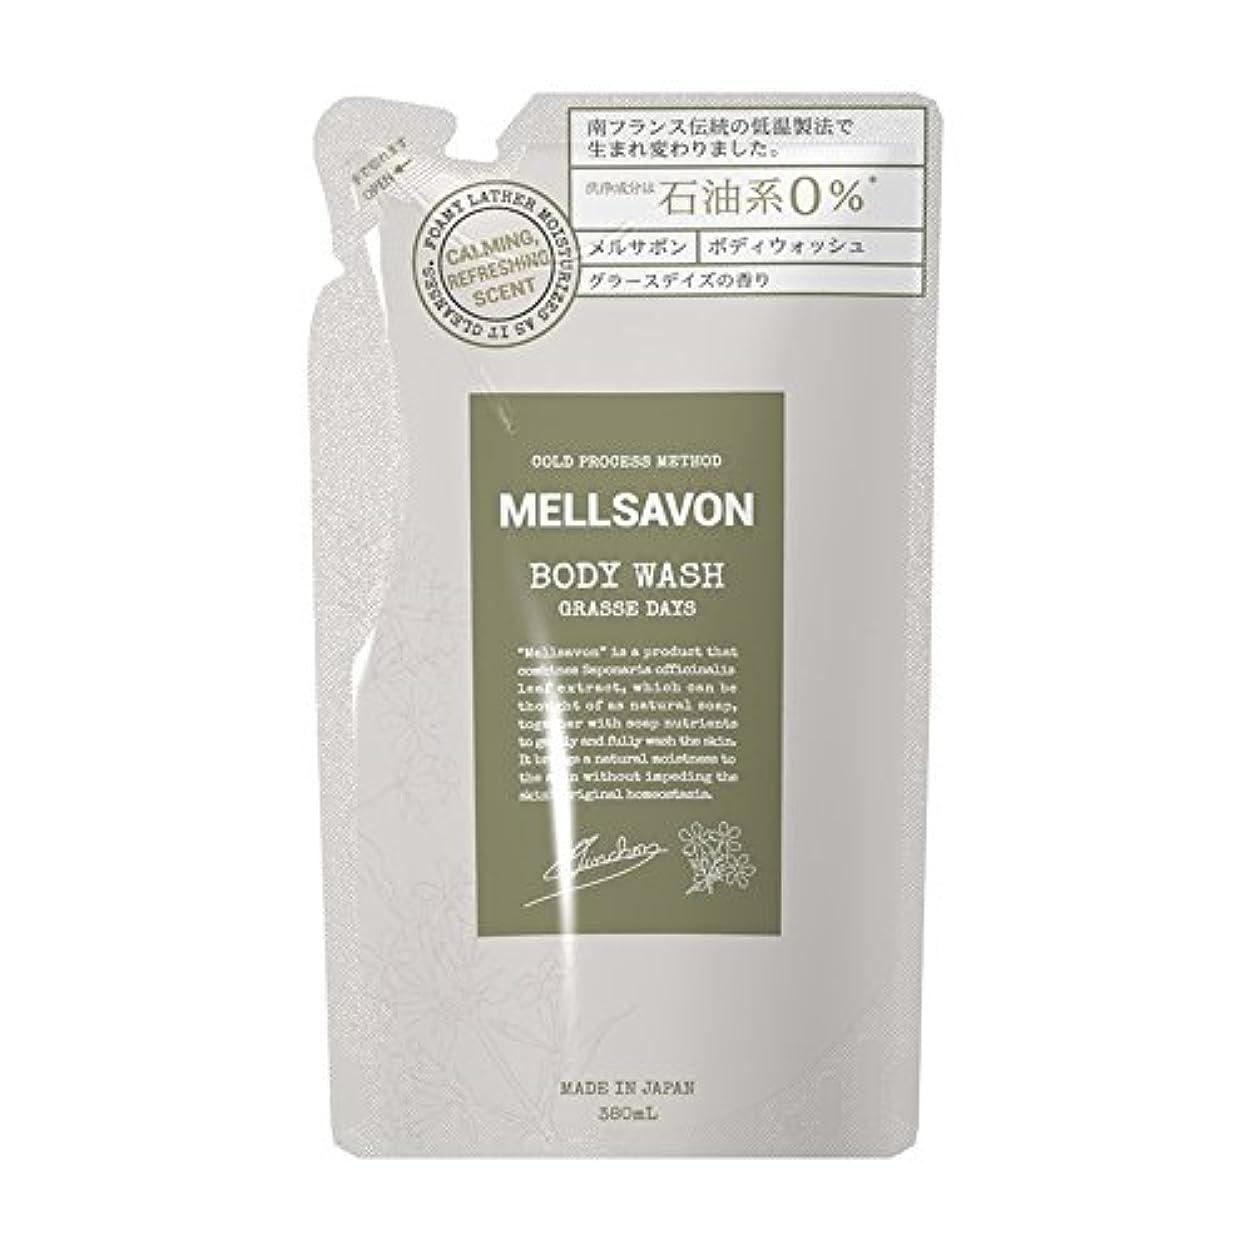 油慢性的寛容なMellsavon(メルサボン) メルサボン ボディウォッシュ グラースデイズ 詰替 380mL ボディソープ